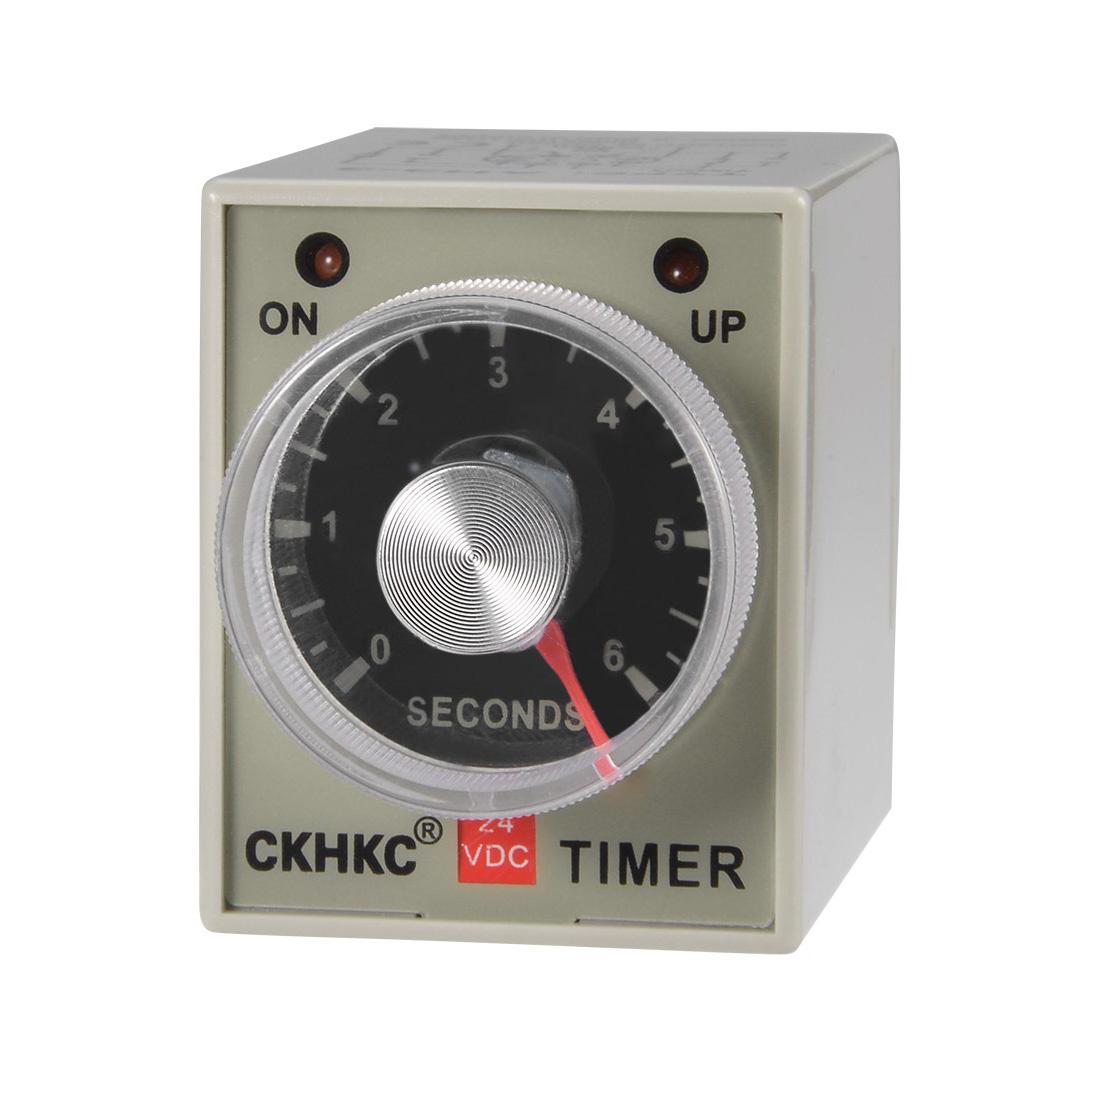 DC24V 6S 8 Terminals Range Adjustable Delay Timer Time Relay AH3-3